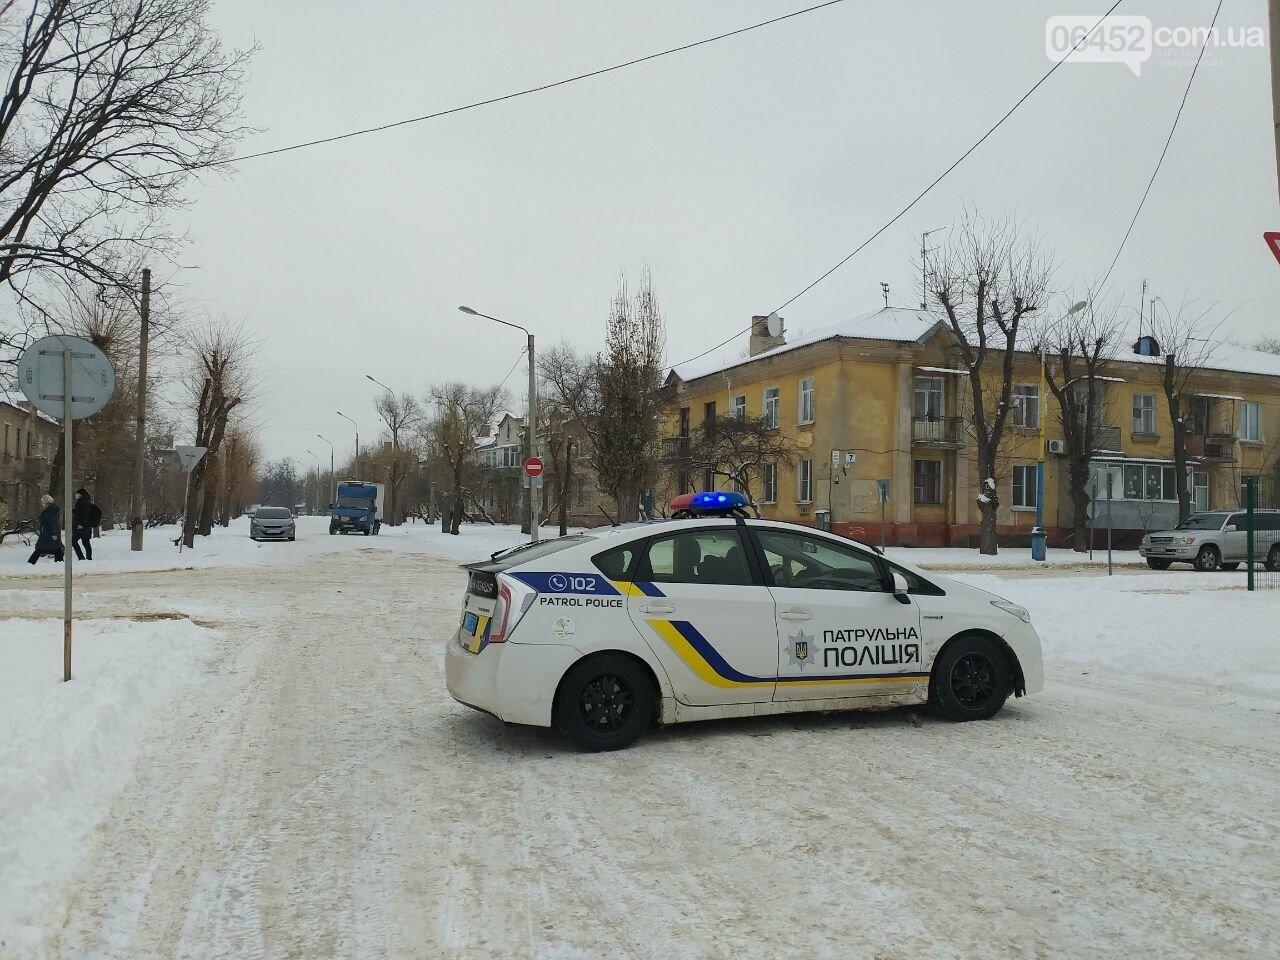 """В Правительстве хотят значительно увеличить штрафы за ложный вызов """"скорой"""" и полиции, фото-1"""